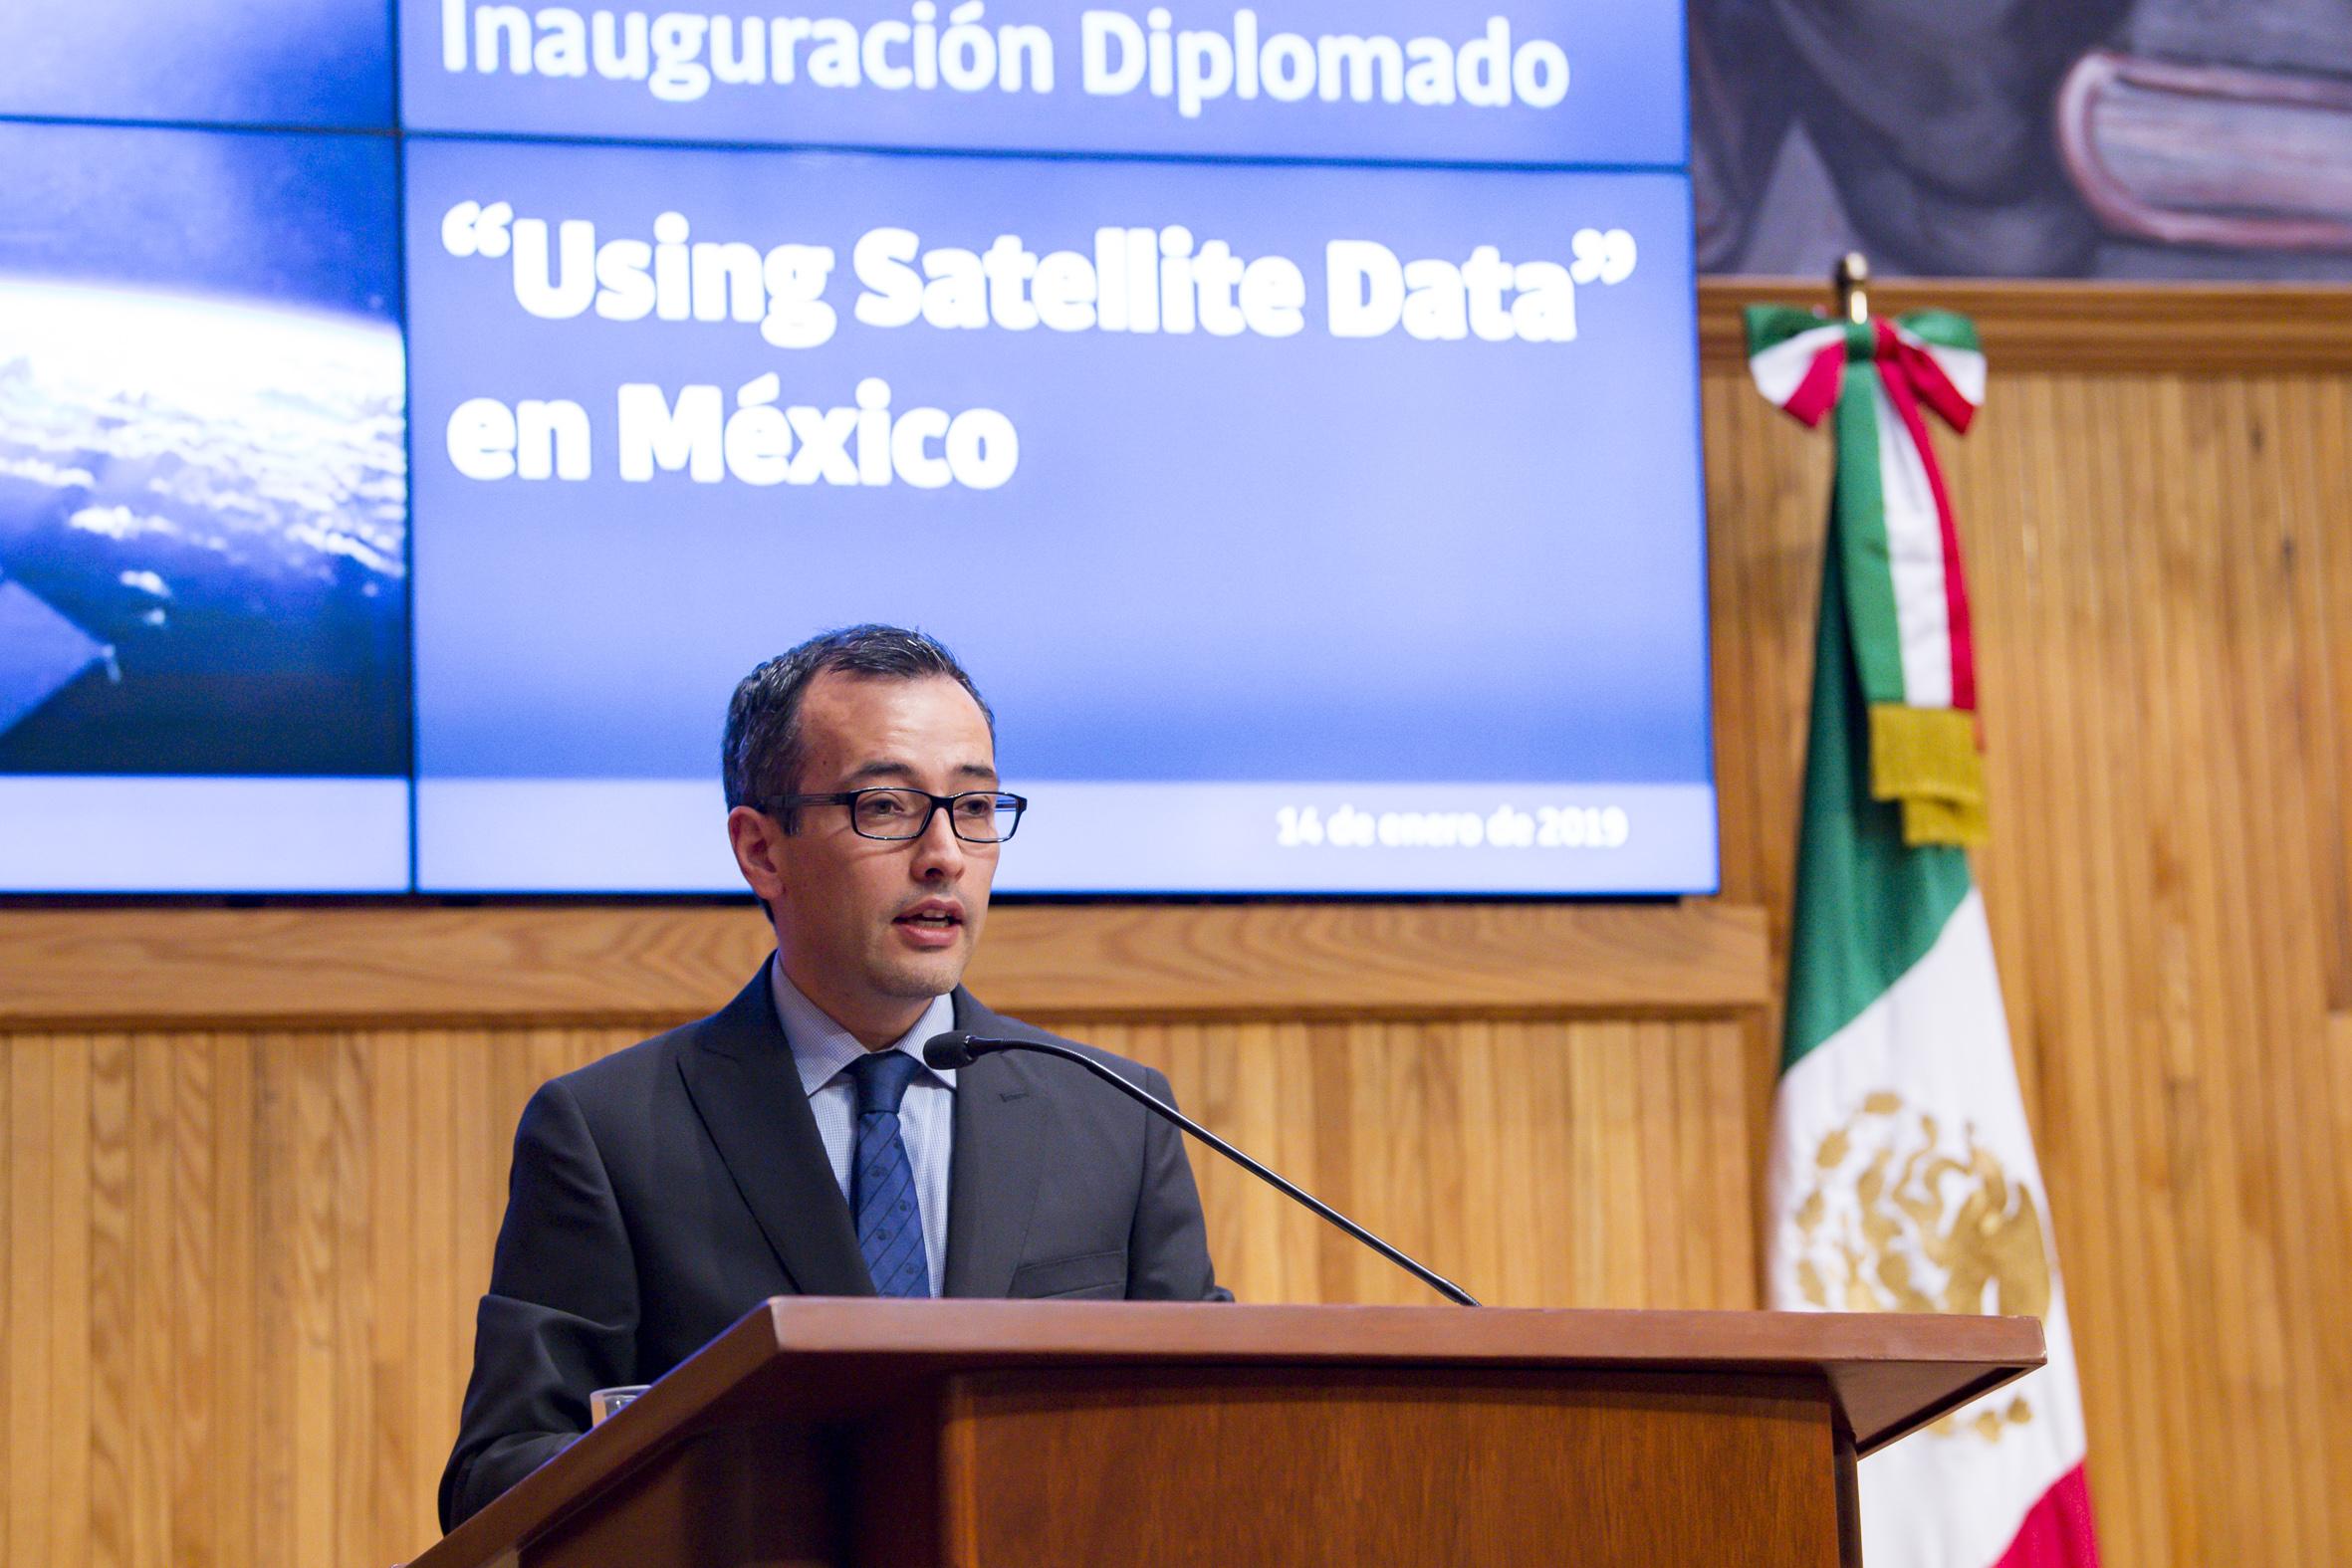 Vicerrector Ejecutivo de la UdeG, doctor Carlos Iván Moreno Arellano, haciendo uso de la palabra durante la inauguración del Diplomado de Uso de Datos Satelitales